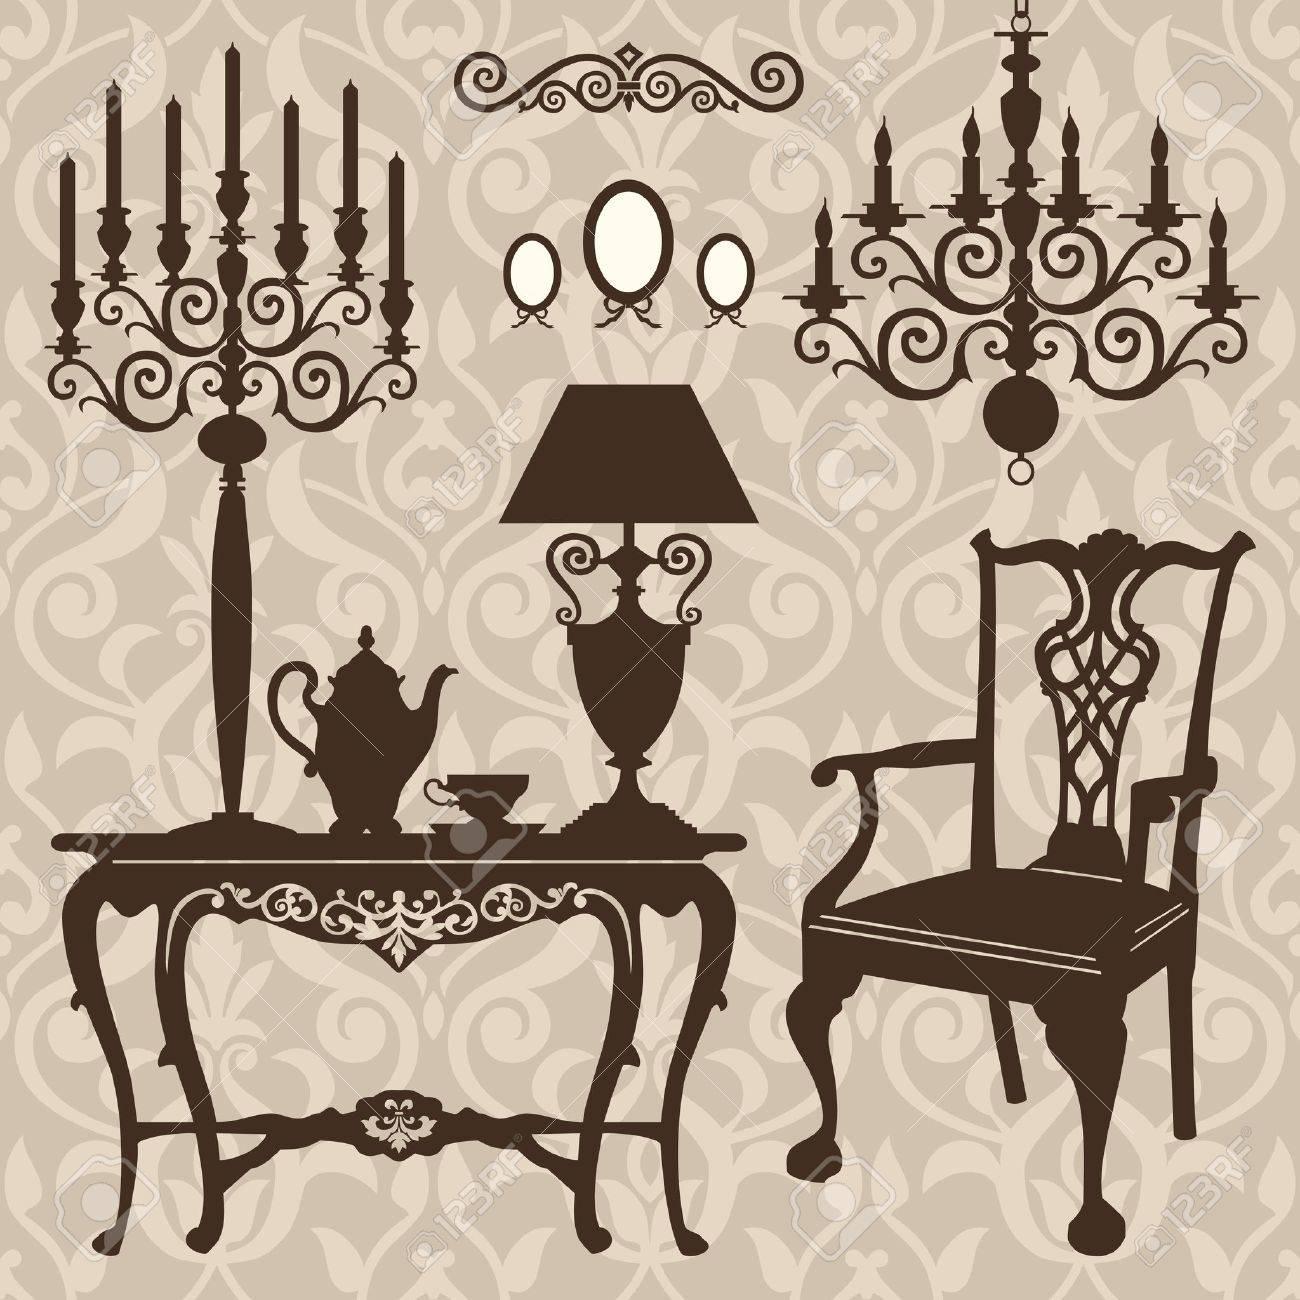 De Muebles Antiguos Restauracin De Muebles Antiguos De Madera Y  # Muebles Hojillados